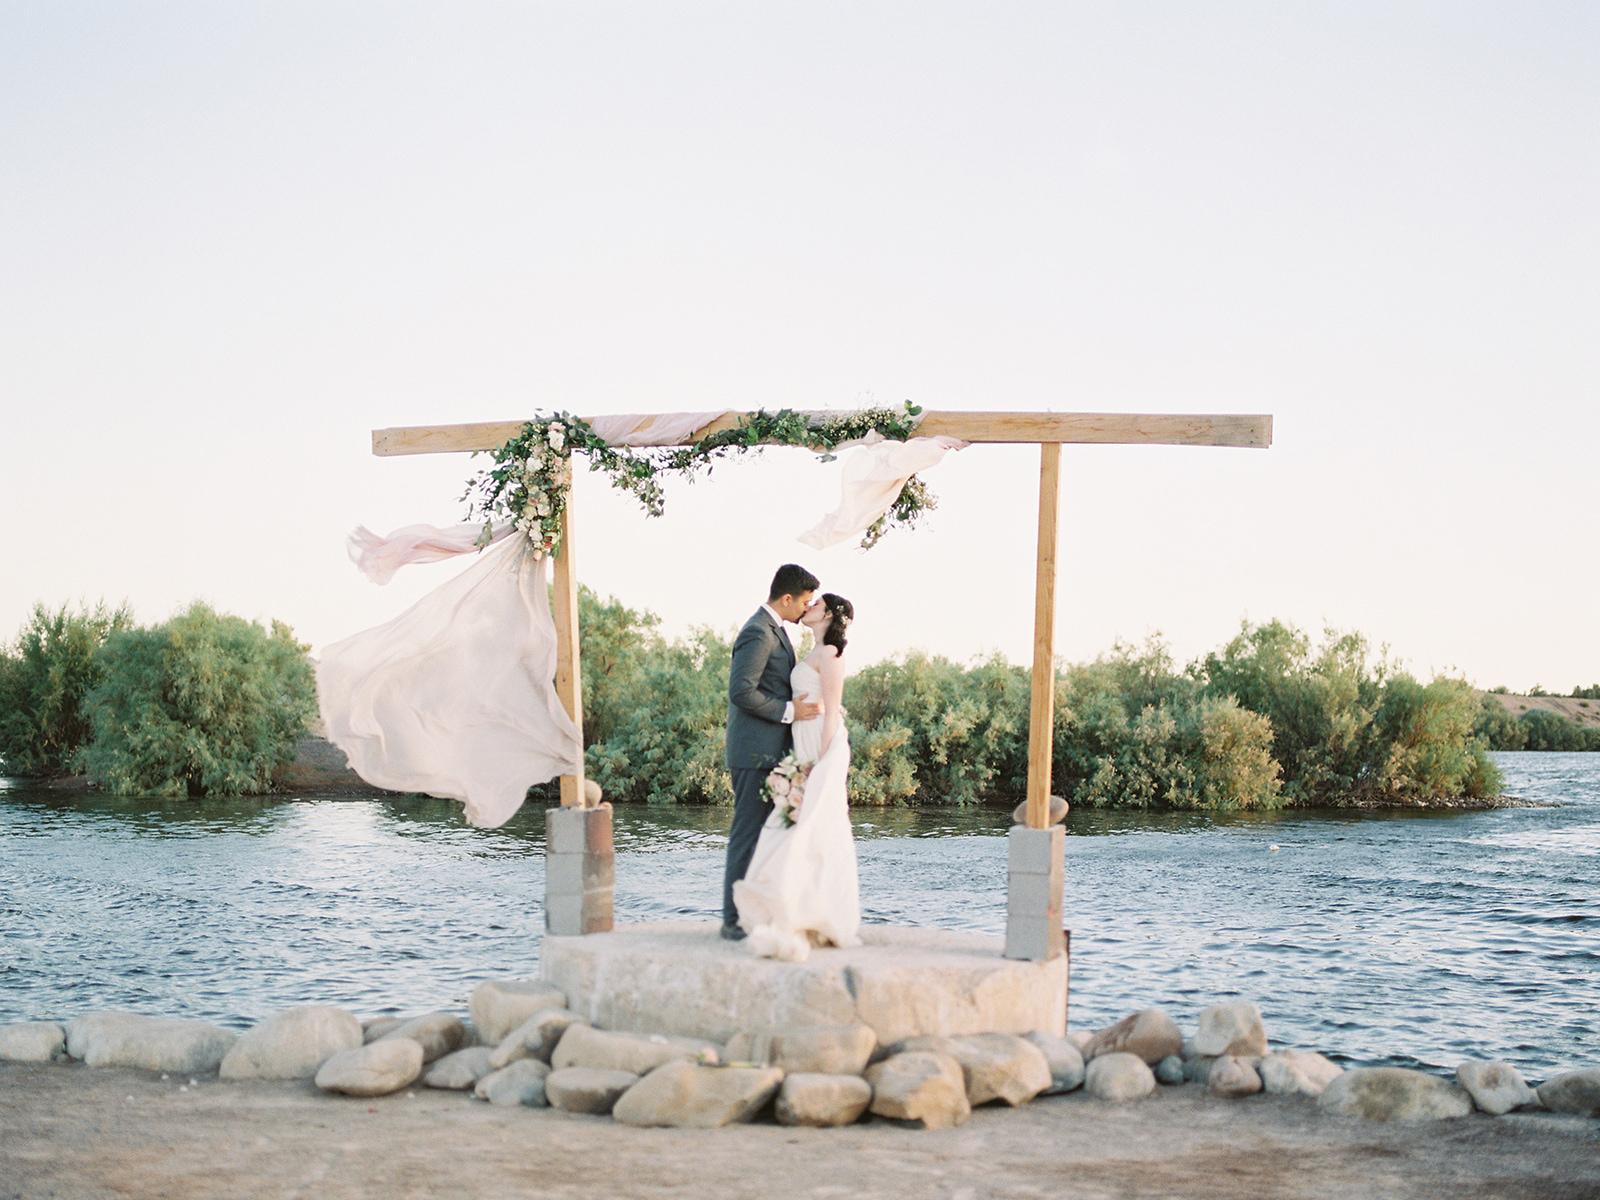 Hidden Lake Buckeye Arizona Wedding Inspiration 11